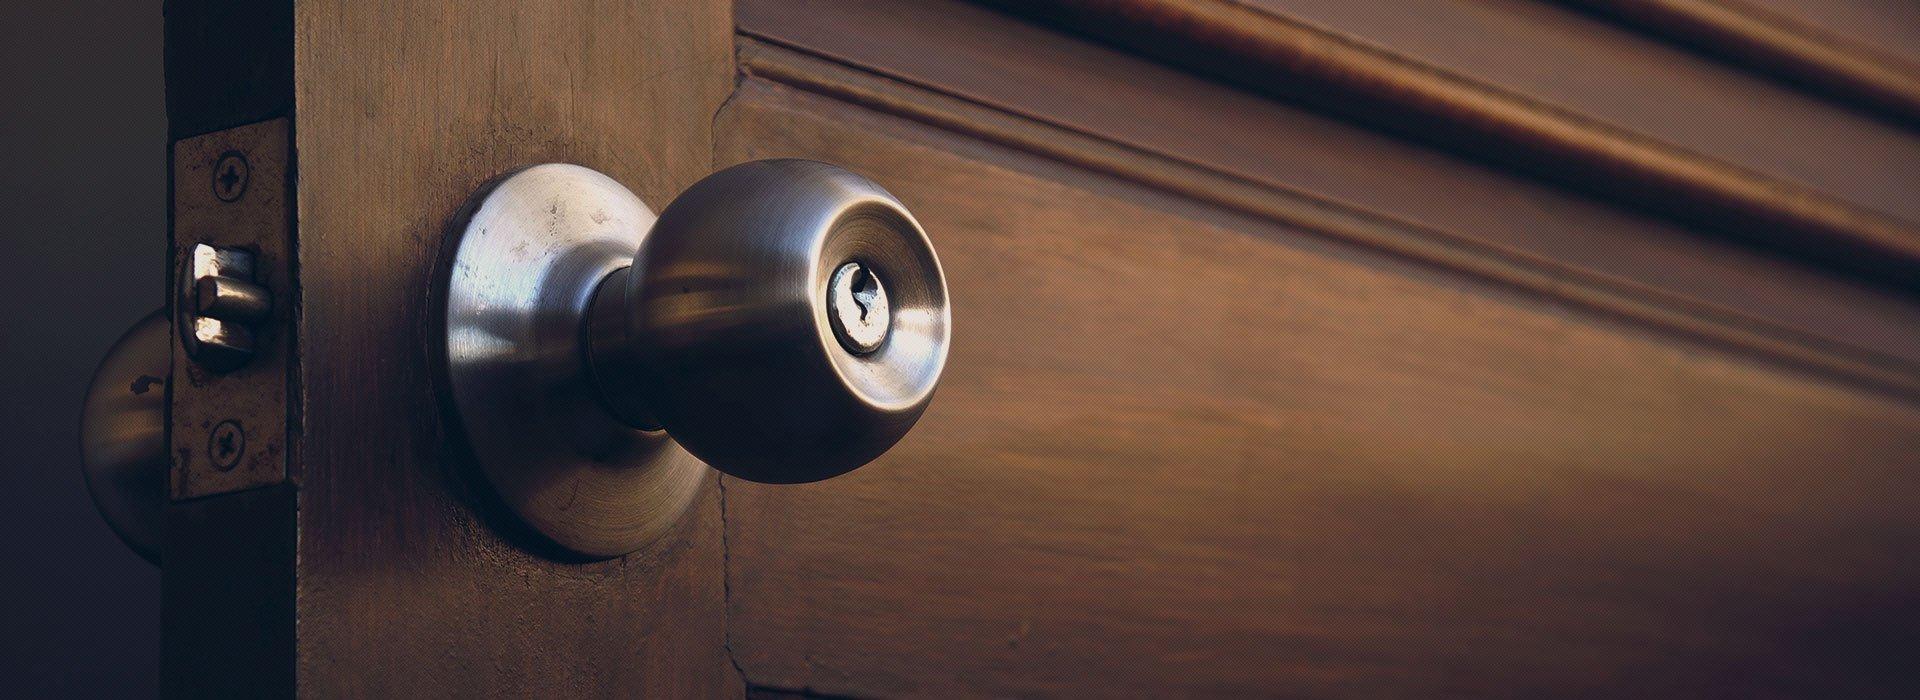 Lock and hinge repairs